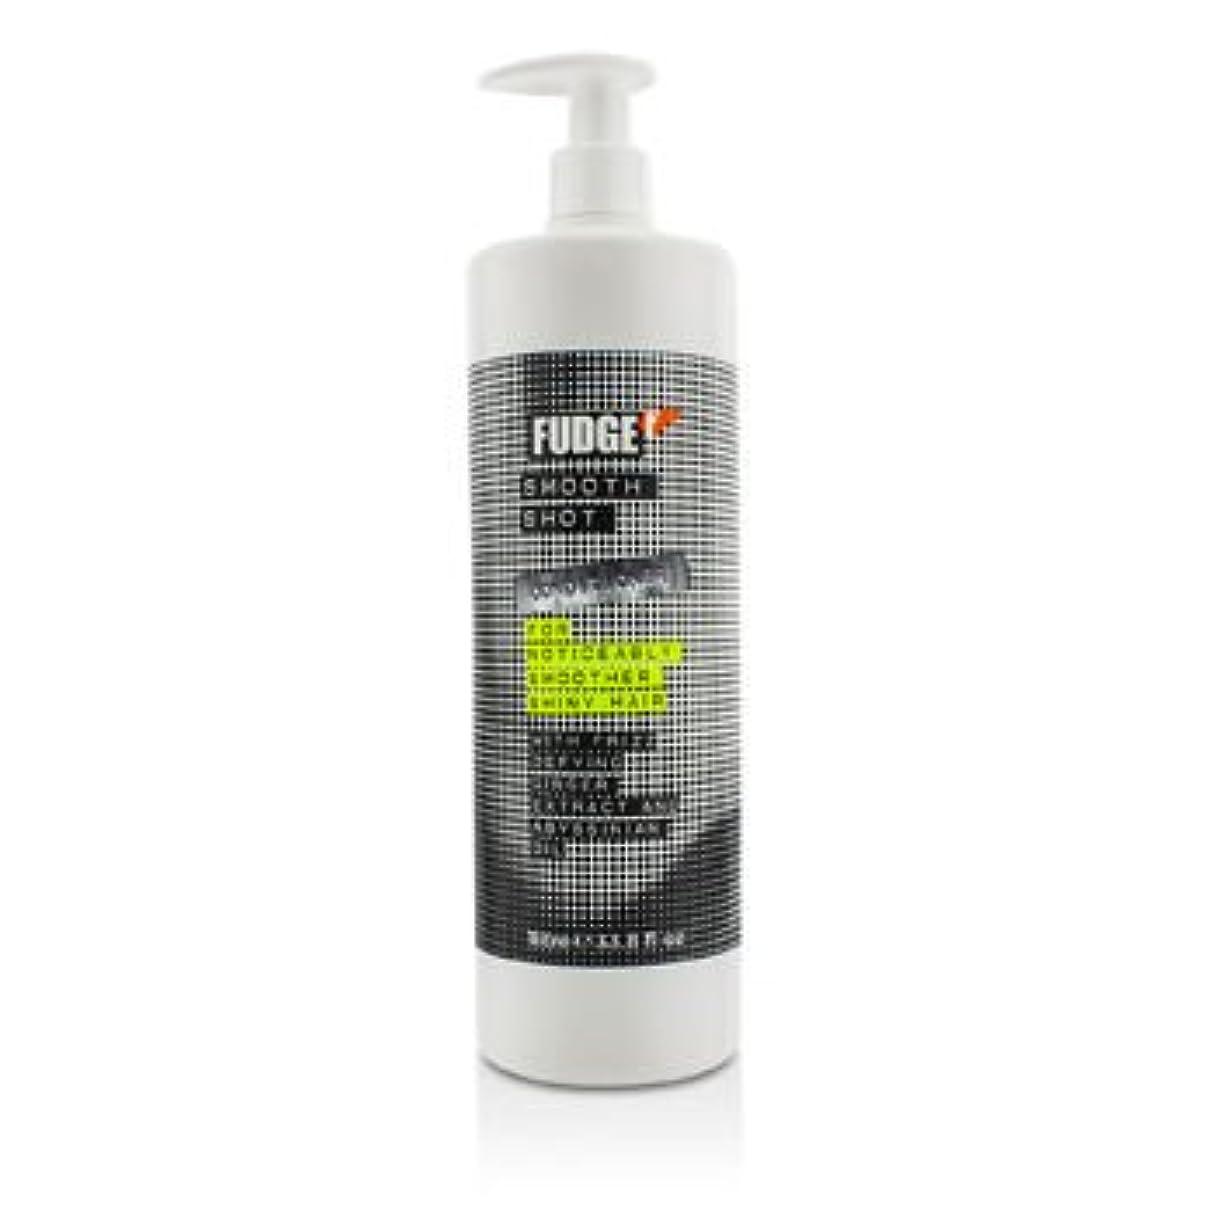 地下室おしゃれじゃない注文[Fudge] Smooth Shot Conditioner (For Noticeably Smoother Shiny Hair) 1000ml/33.8oz